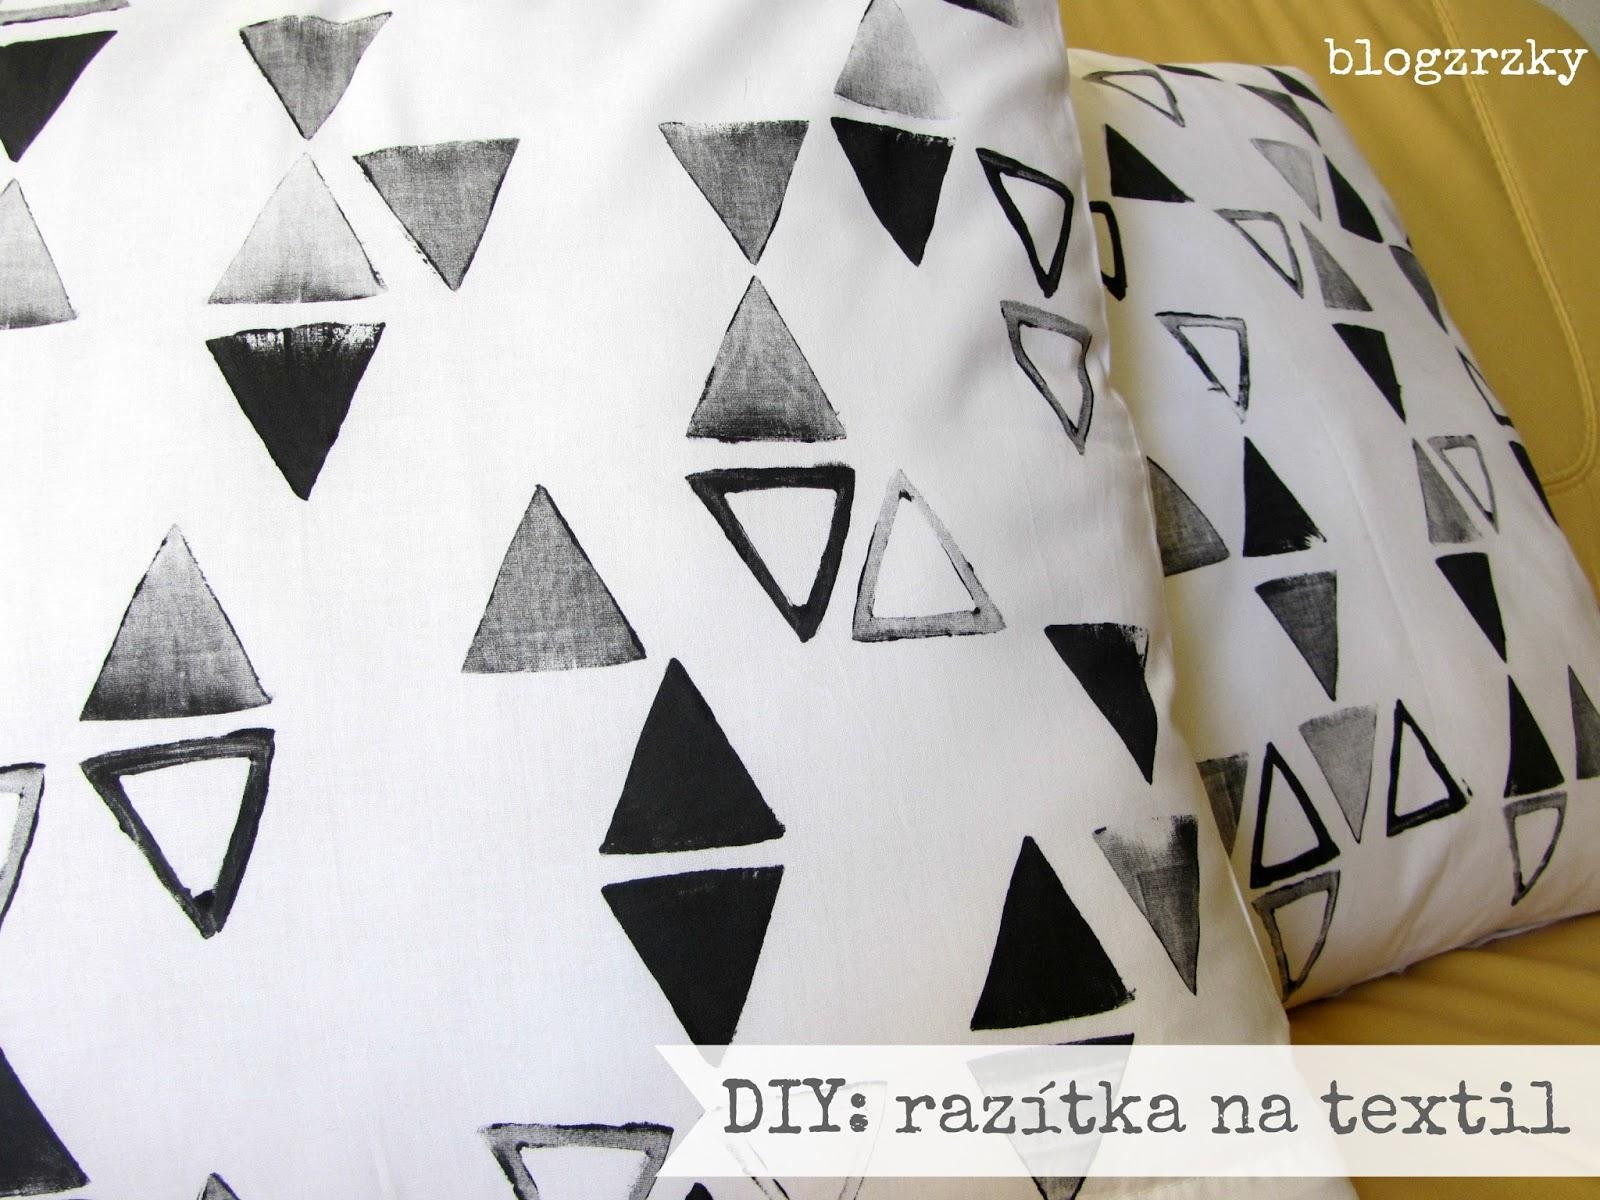 DIY / Razítkování na textil